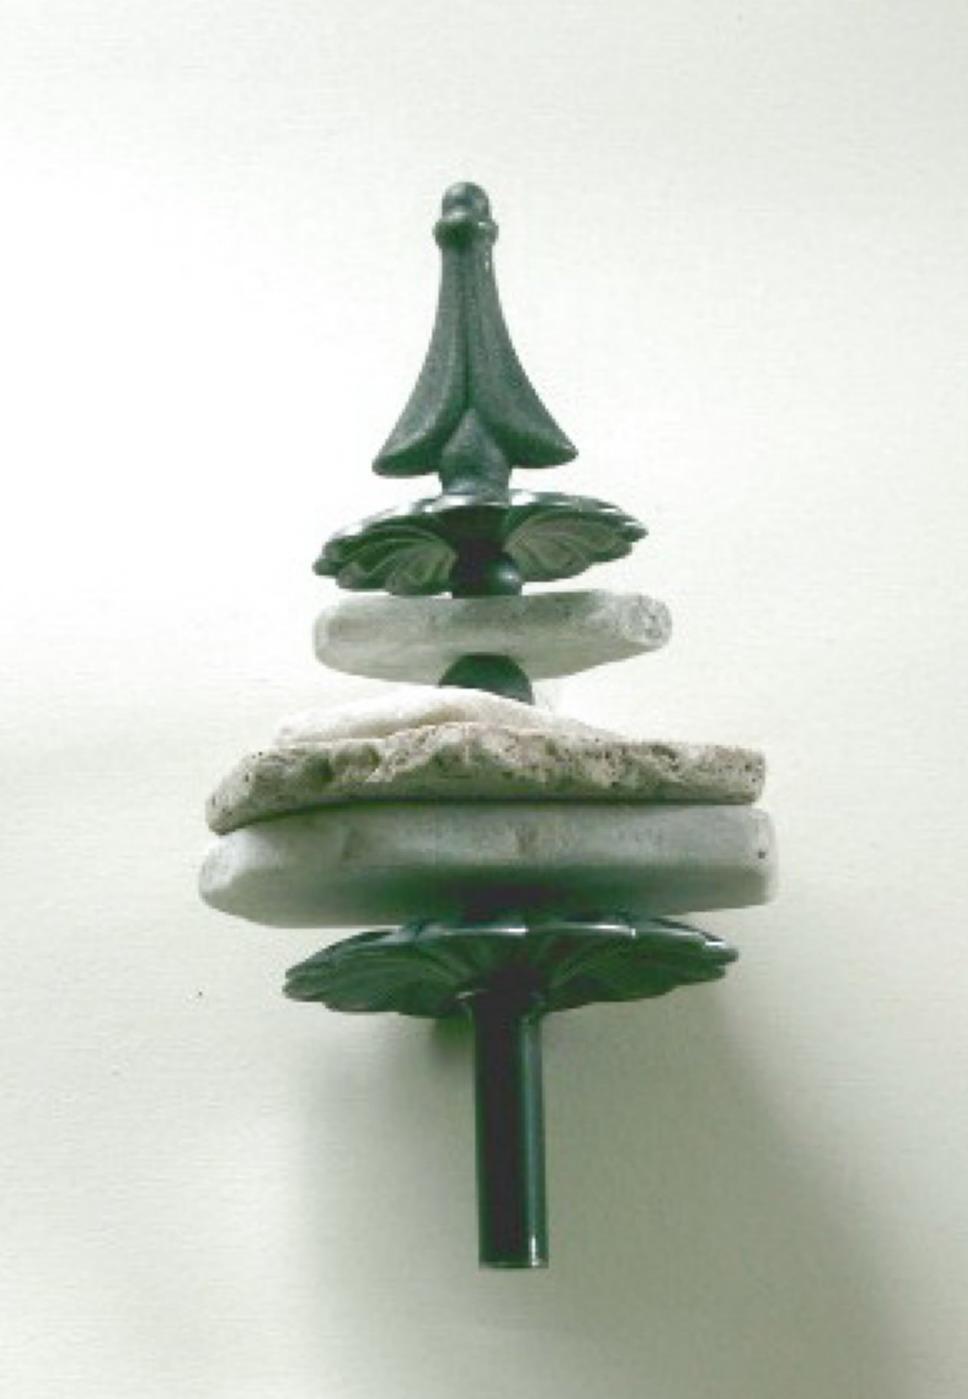 Gartenstecker natur steine metall gartendeko beet stecker for Gartendeko glas stecker